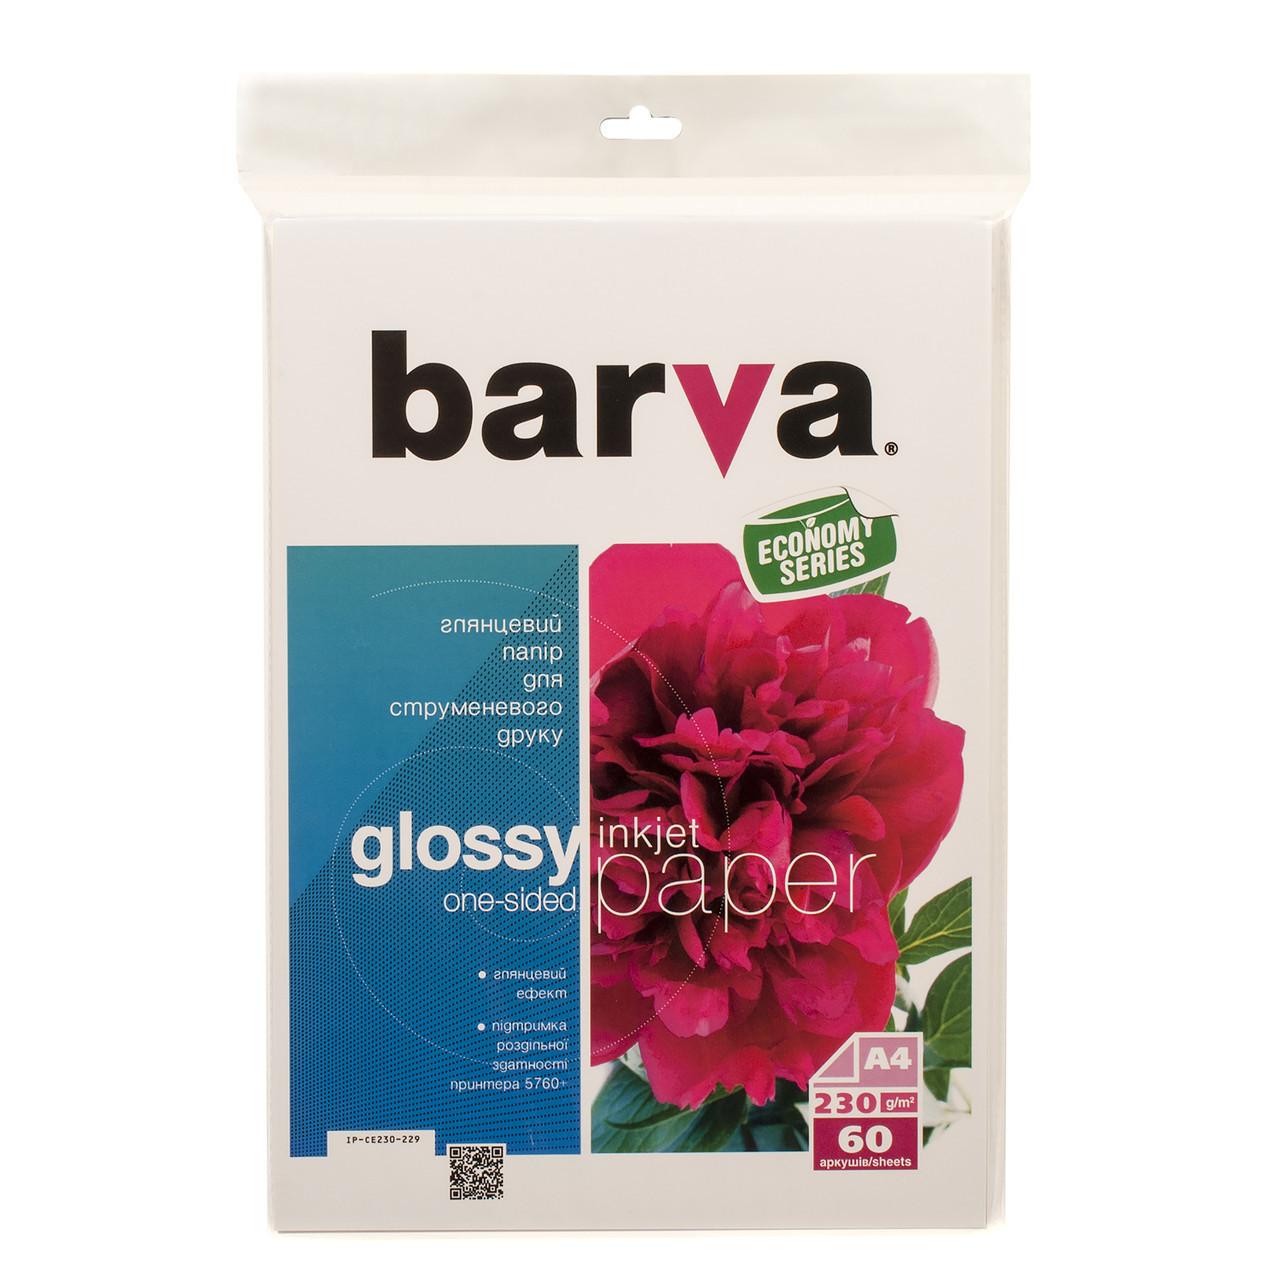 Фотобумага Barva, глянцевая, А4, 230 г/м2, 60 листов (IP-CE230-229)